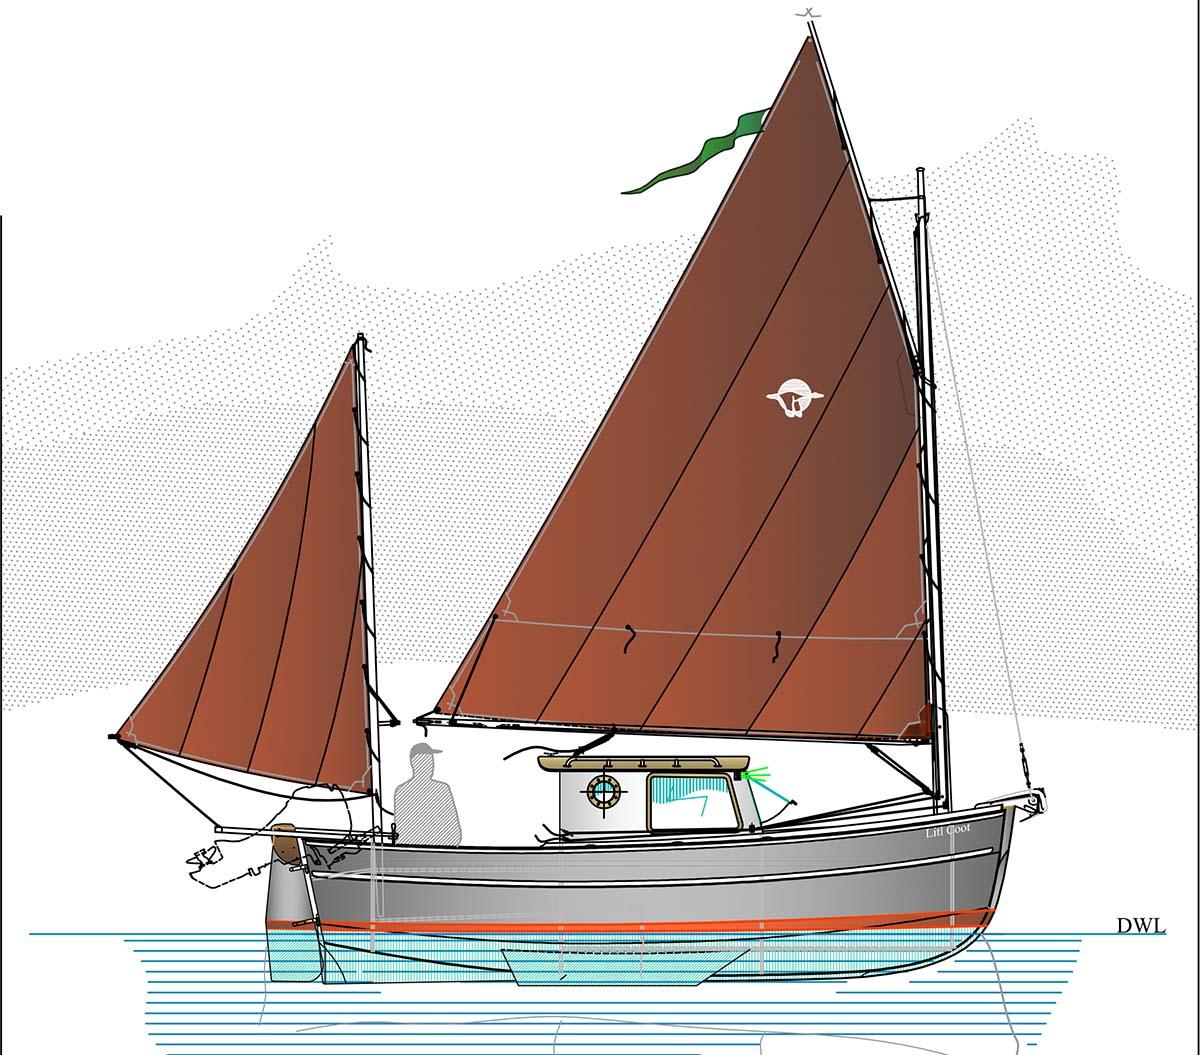 Lit'l Coot 18 Bilge Keel Plans | Devlin Designing Boat ...